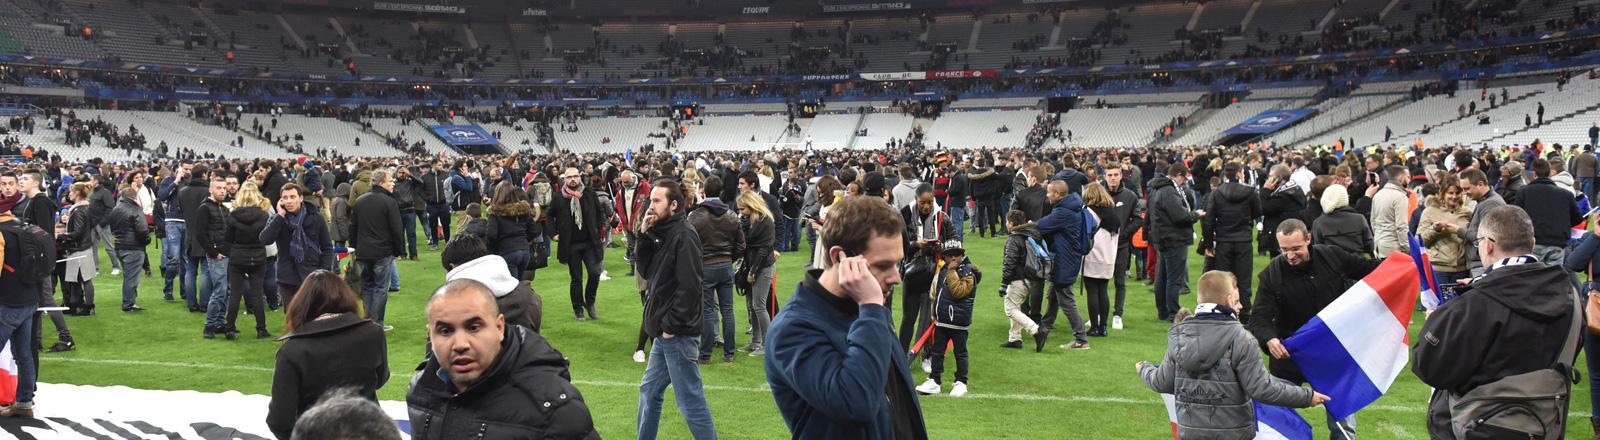 Zuschauer des Freundschaftsspiels zwischen Frankreich und Deutschland auf dem Rasen des Stade de France nachdem das Stadium evakuiert wurde.